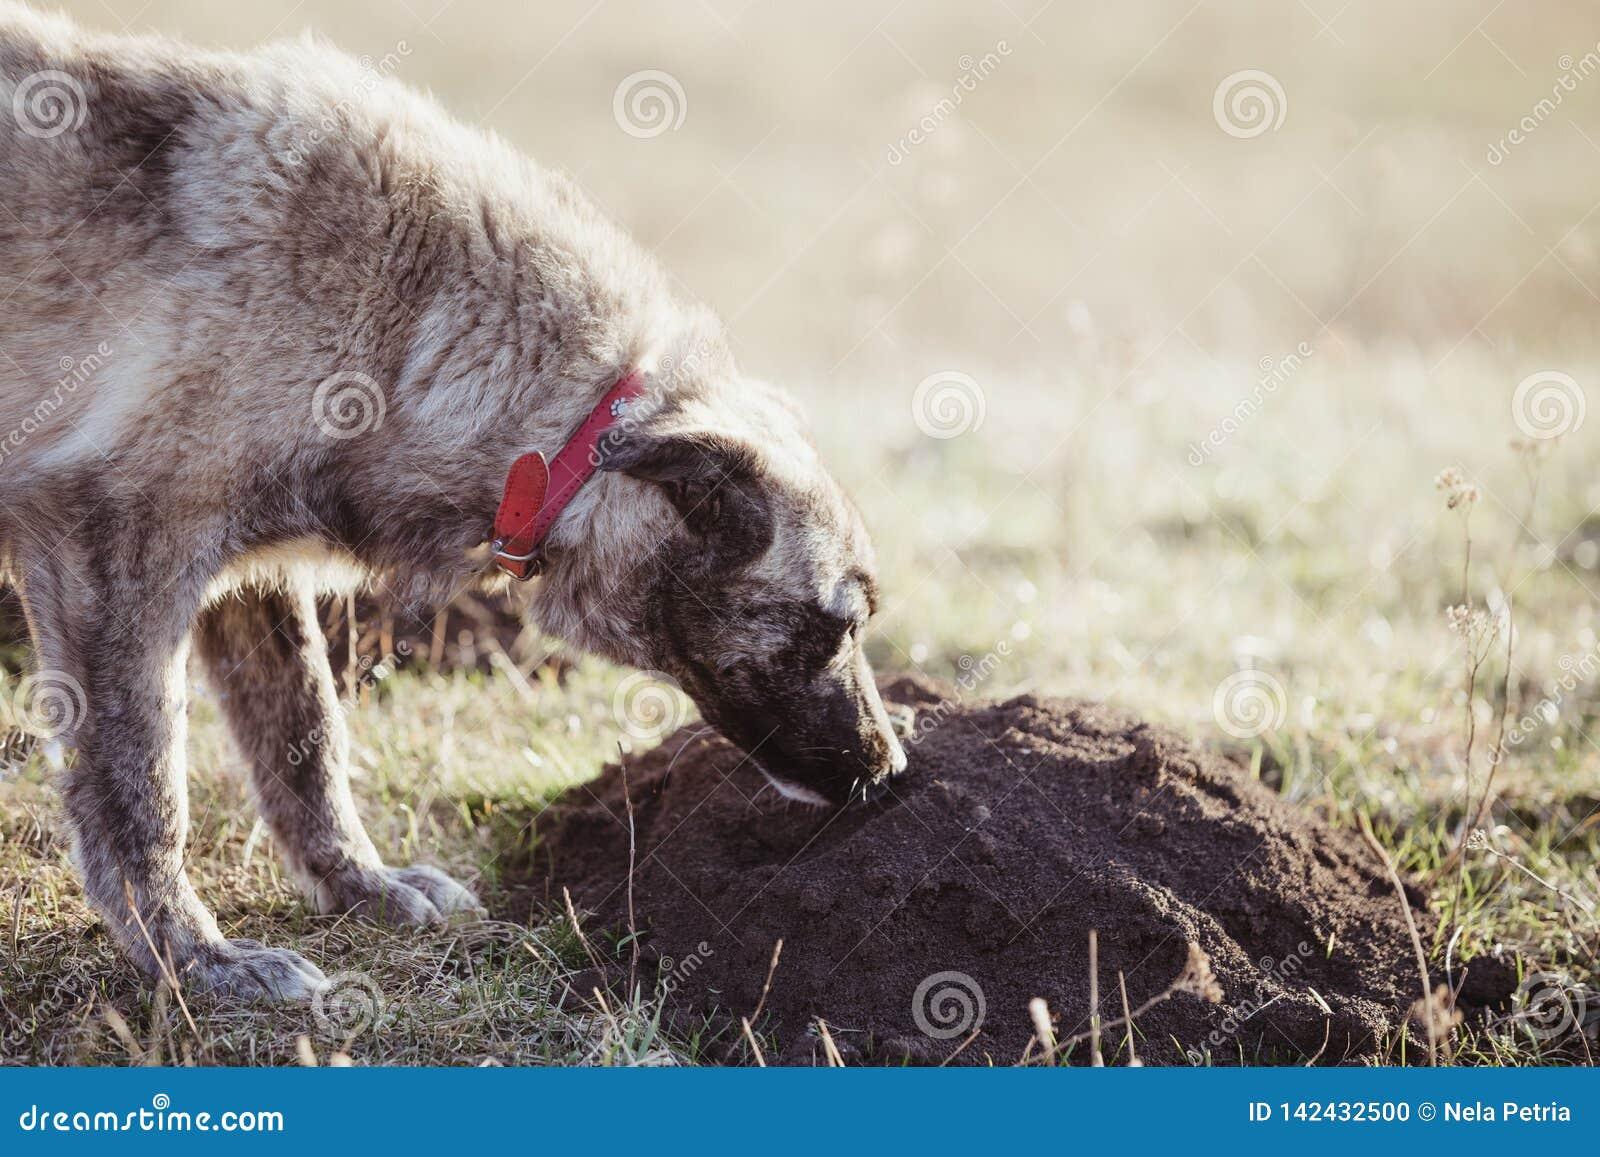 Το ευτυχές υιοθετημένο περιπλανώμενο σκυλί, υιοθετεί δεν ψωνίζει